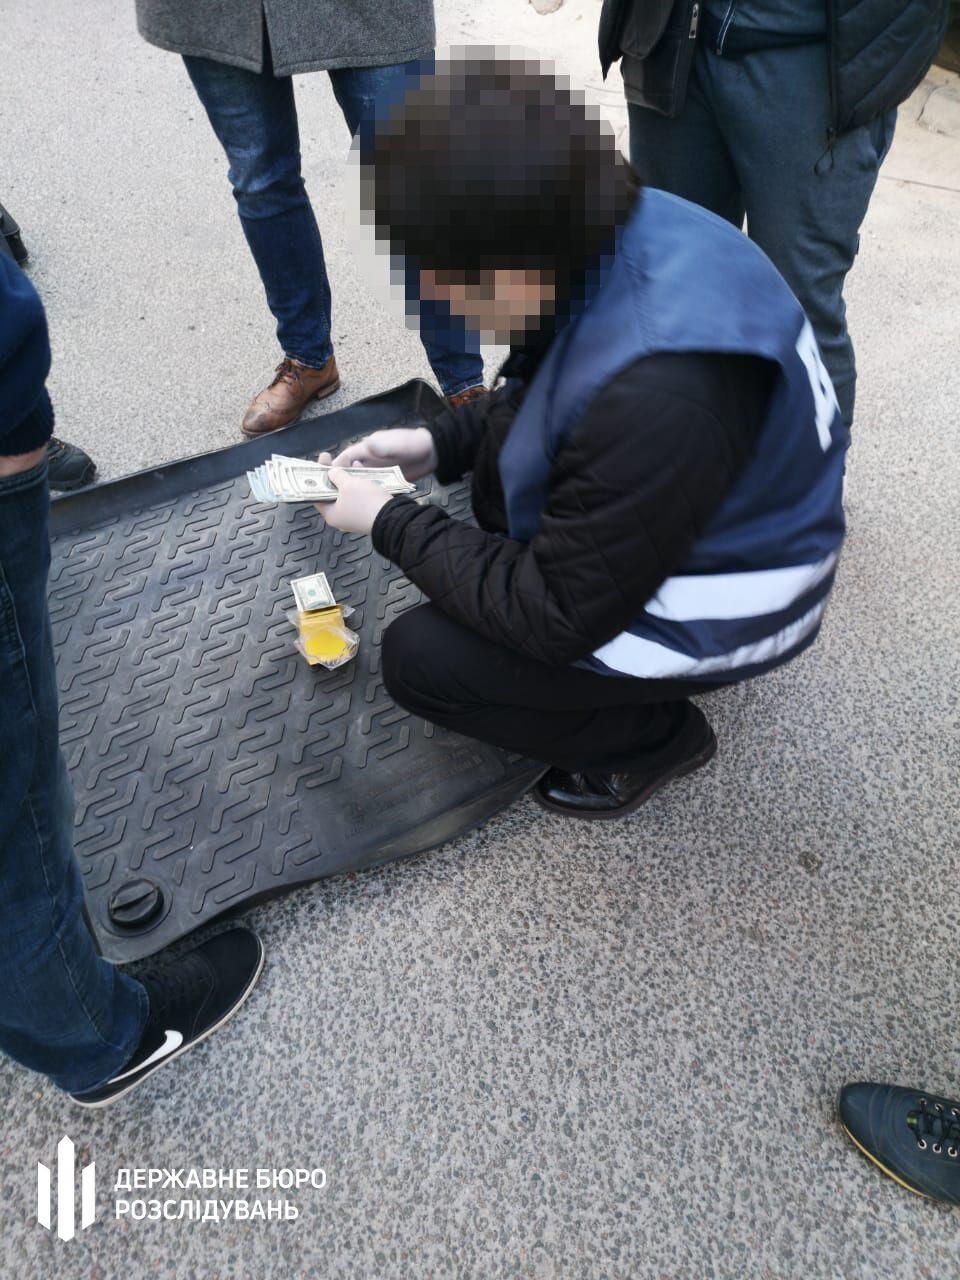 Експрокурора Дніпропетровщини затримали на хабарі. Фото пресслужби ГБР